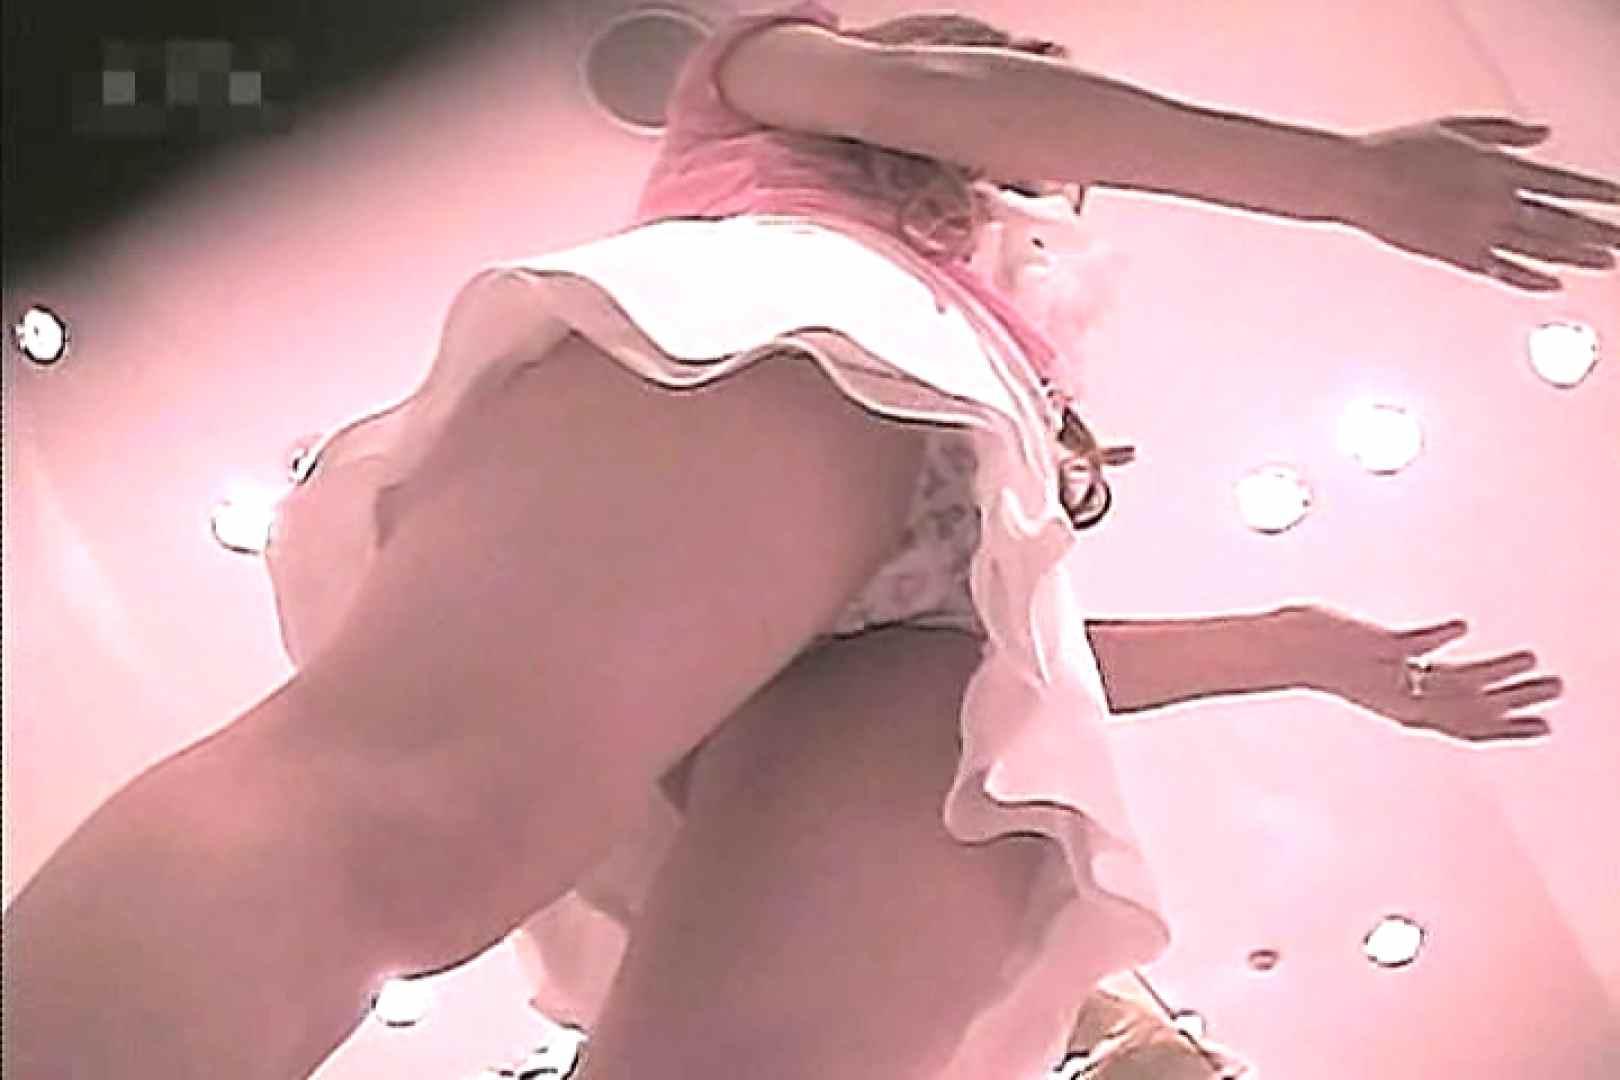 ショップ店員のパンチラアクシデント Vol.10 OLの実態 盗撮ワレメ無修正動画無料 60pic 14